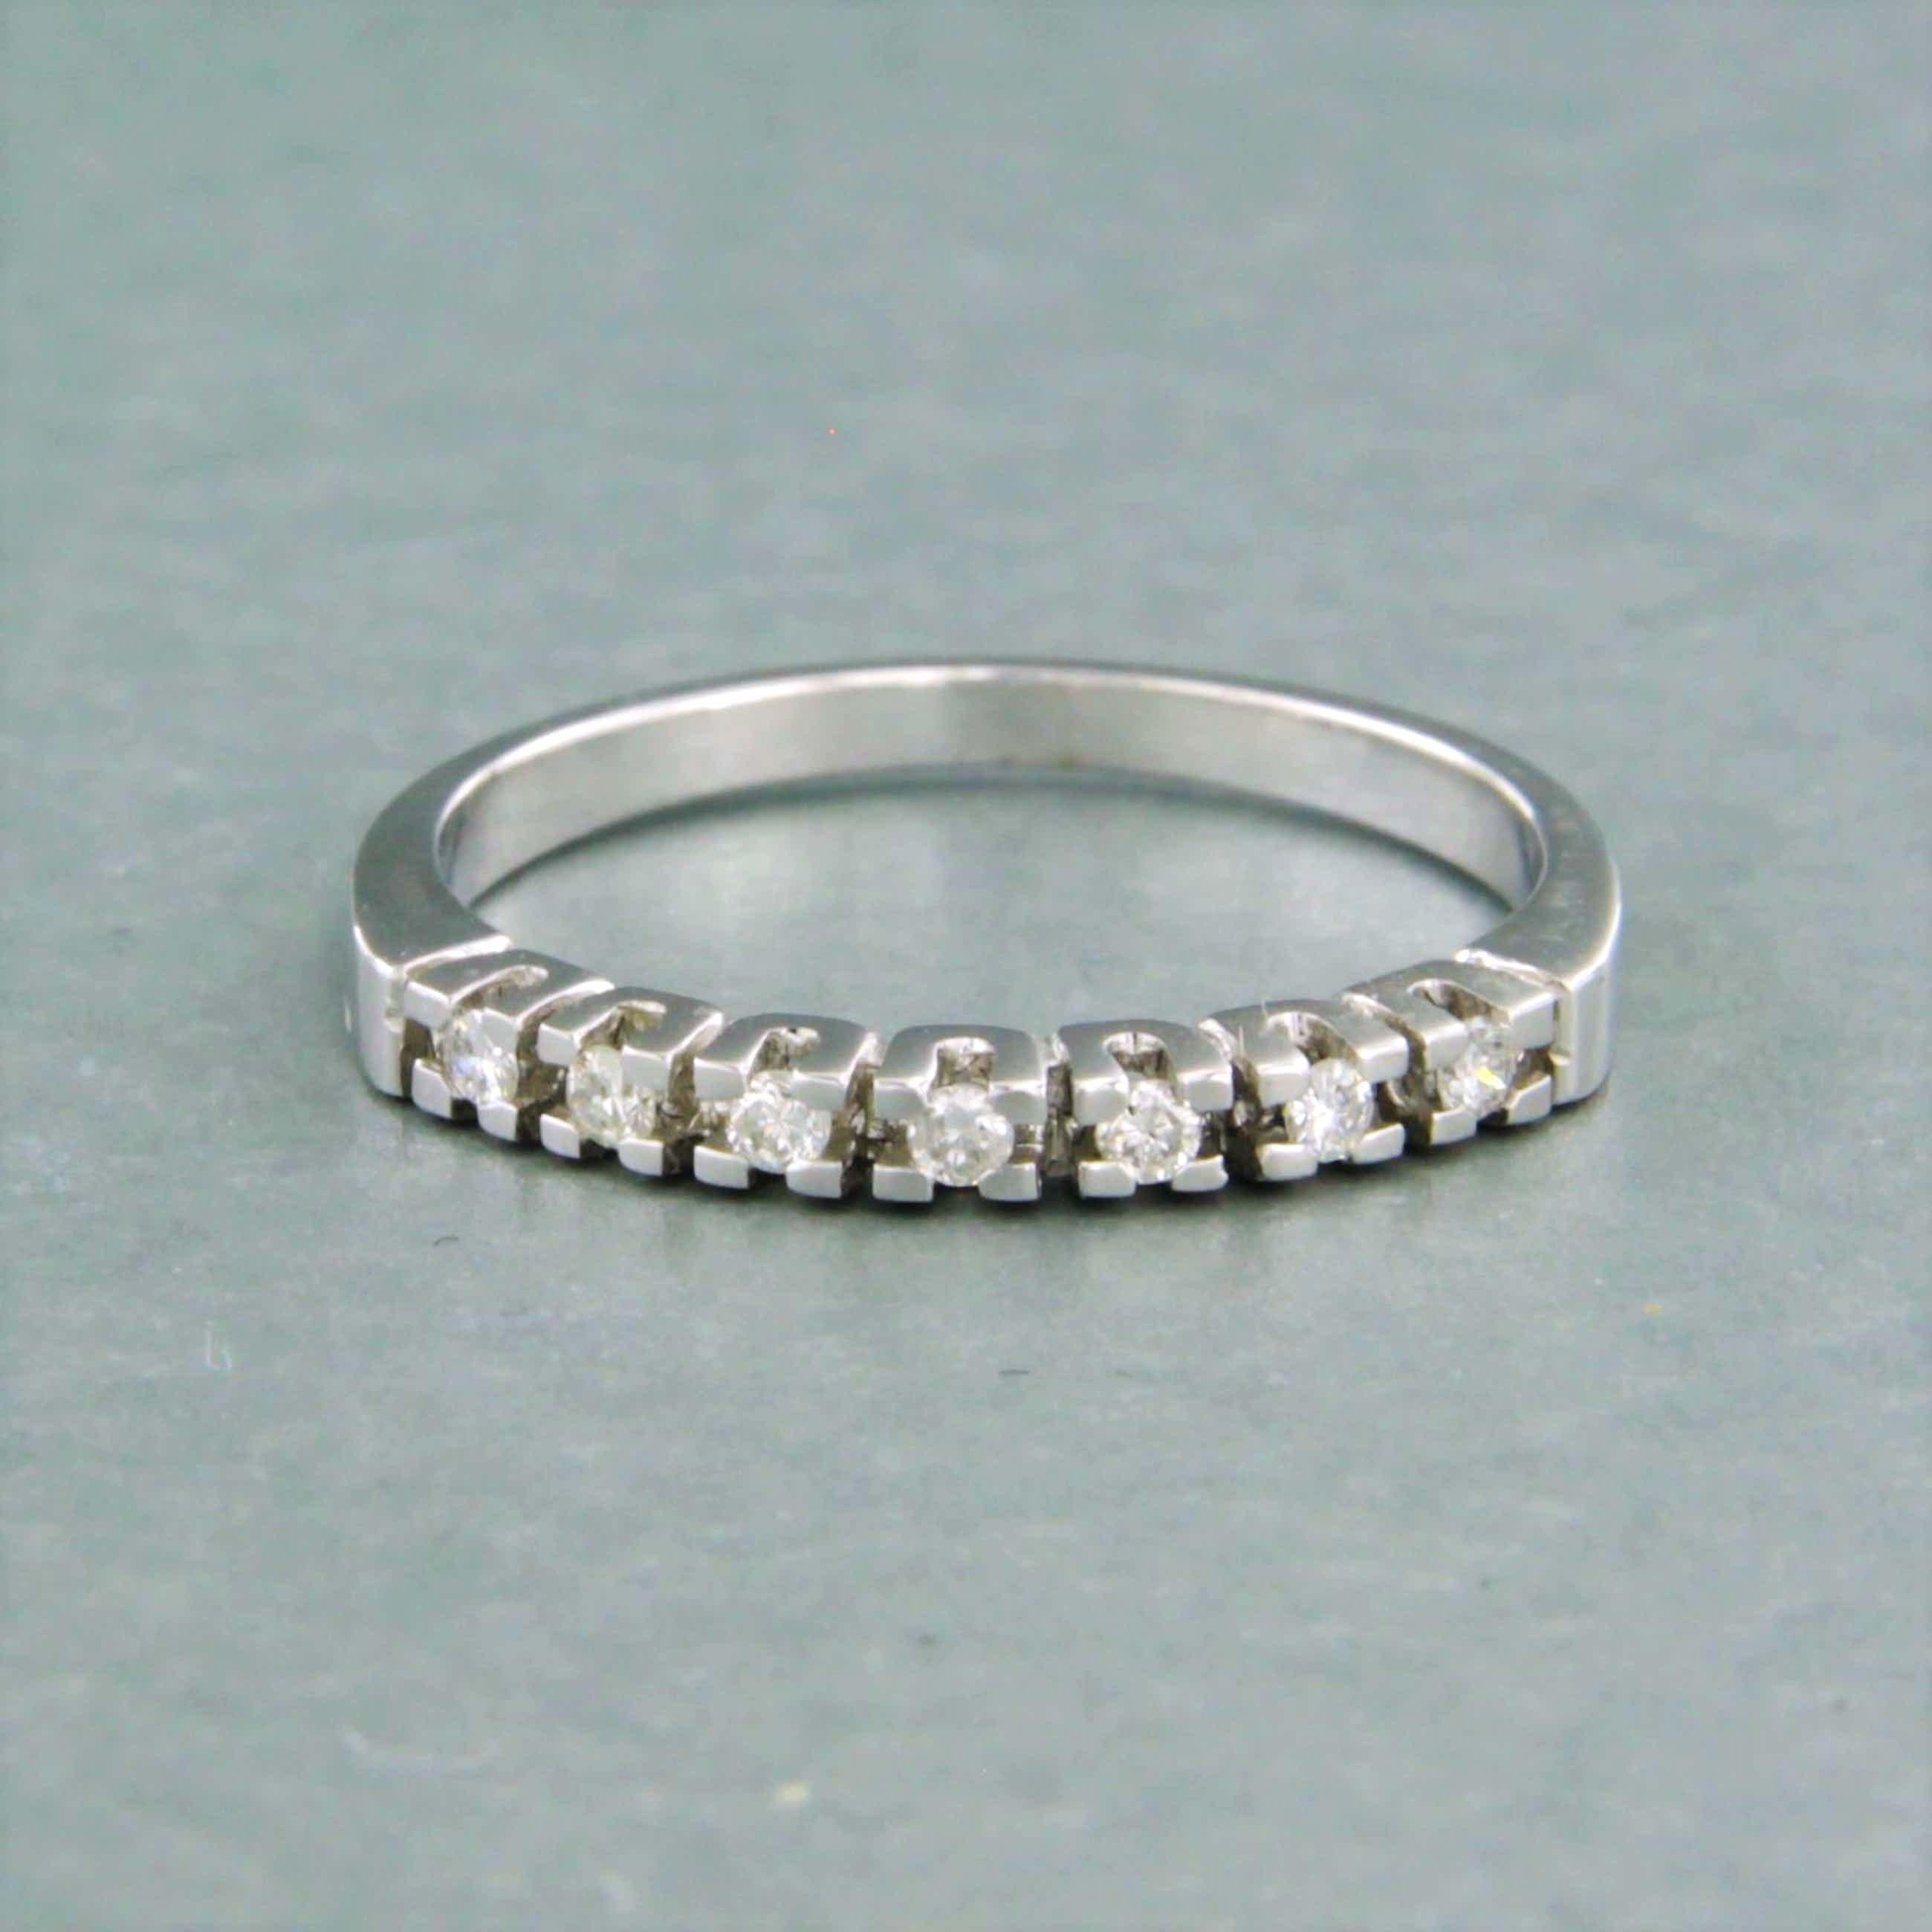 BWG witte rijring bezet met briljant geslepen diamant tot 0,10ct - rm 17 (53) kopen? Bied vanaf 110!